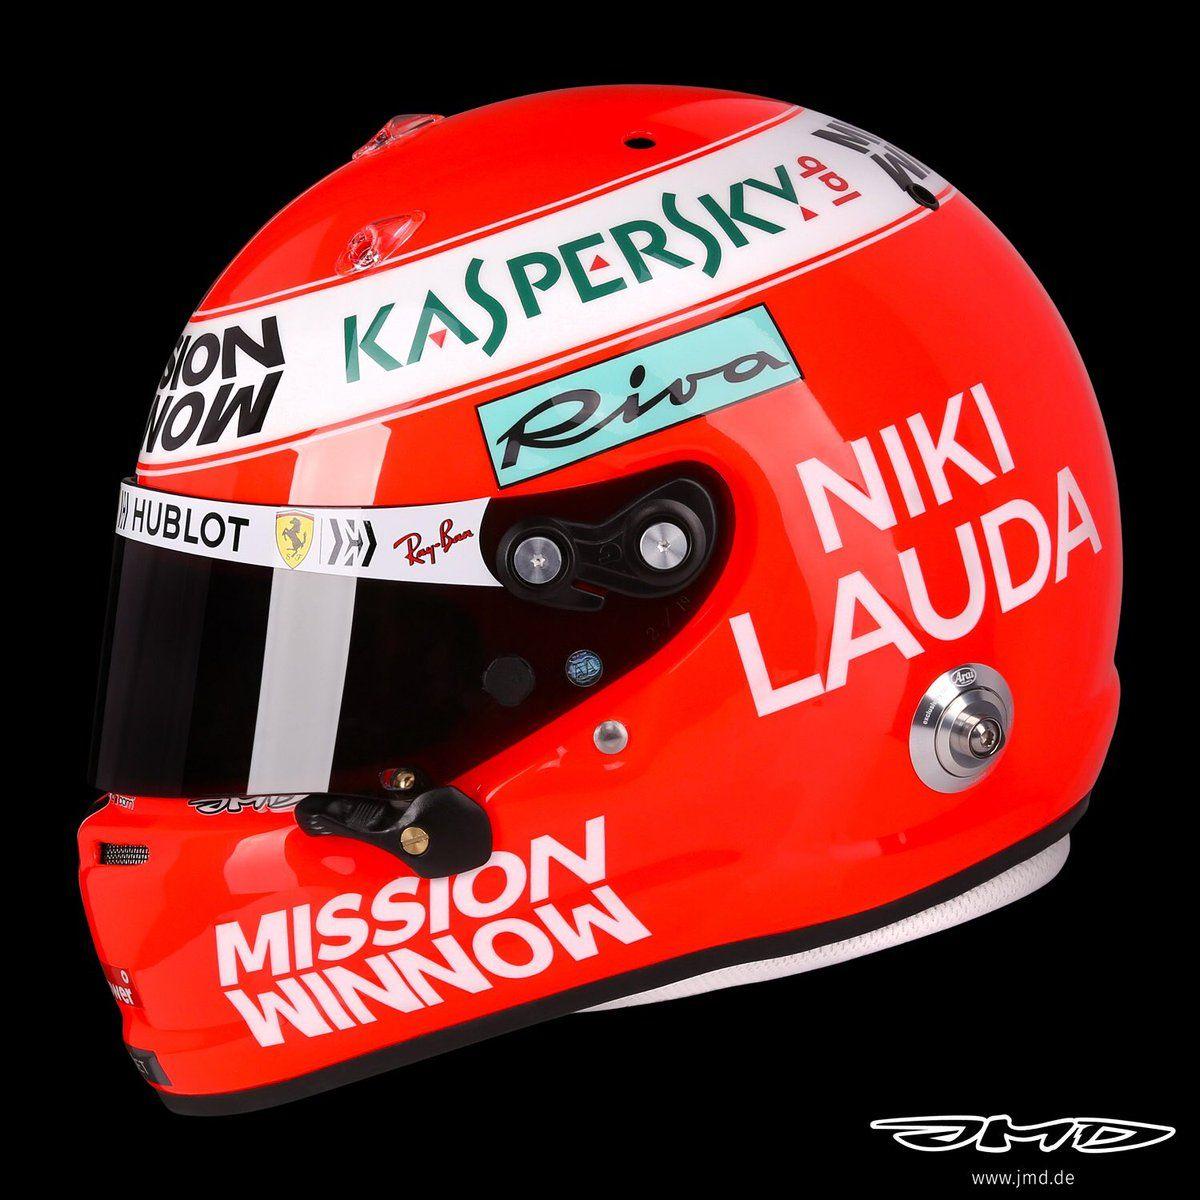 セバスチャン・ベッテル、F1モナコGPでニキ・ラウダ追悼ヘルメット https://f1-gate.com/vettel/f1_49410.html…  #F1 | #F1jp | #SebastianVettel | #Ferrari | #NikiLauda | #MonacoGP 🇲🇨